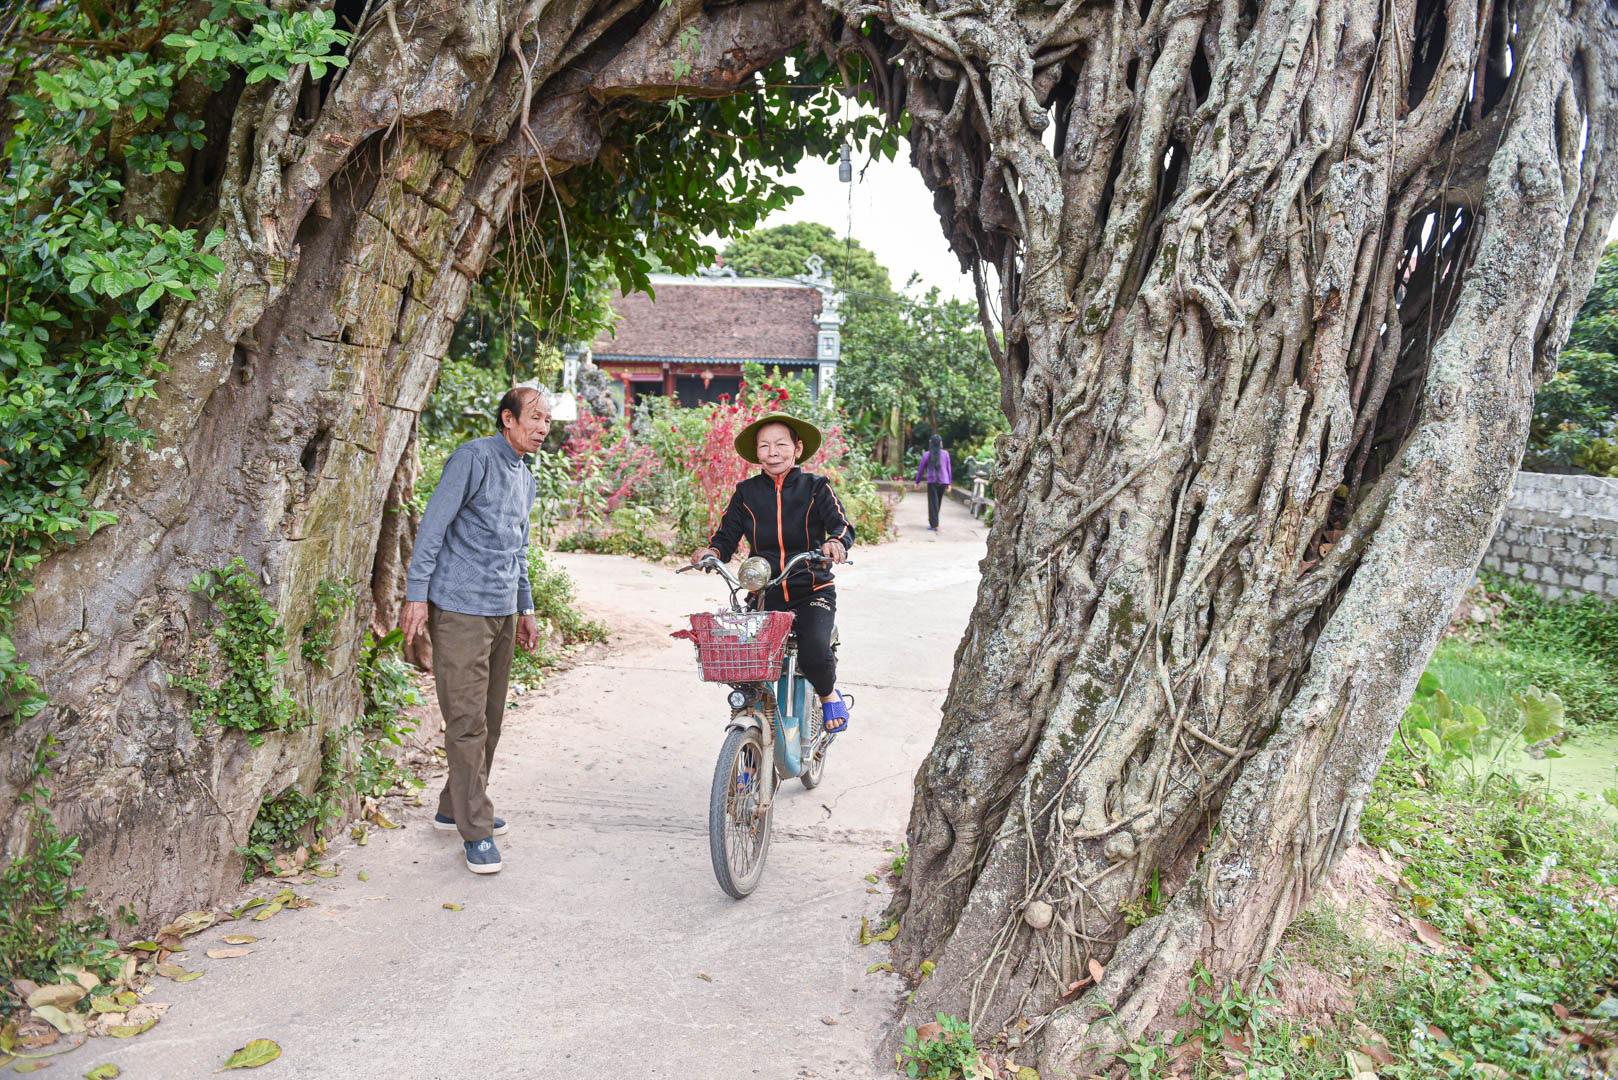 """Cây đa 500 tuổi có bộ rễ khủng tạo thành cổng làng """"độc"""" nhất ở Hưng Yên - Ảnh 5."""